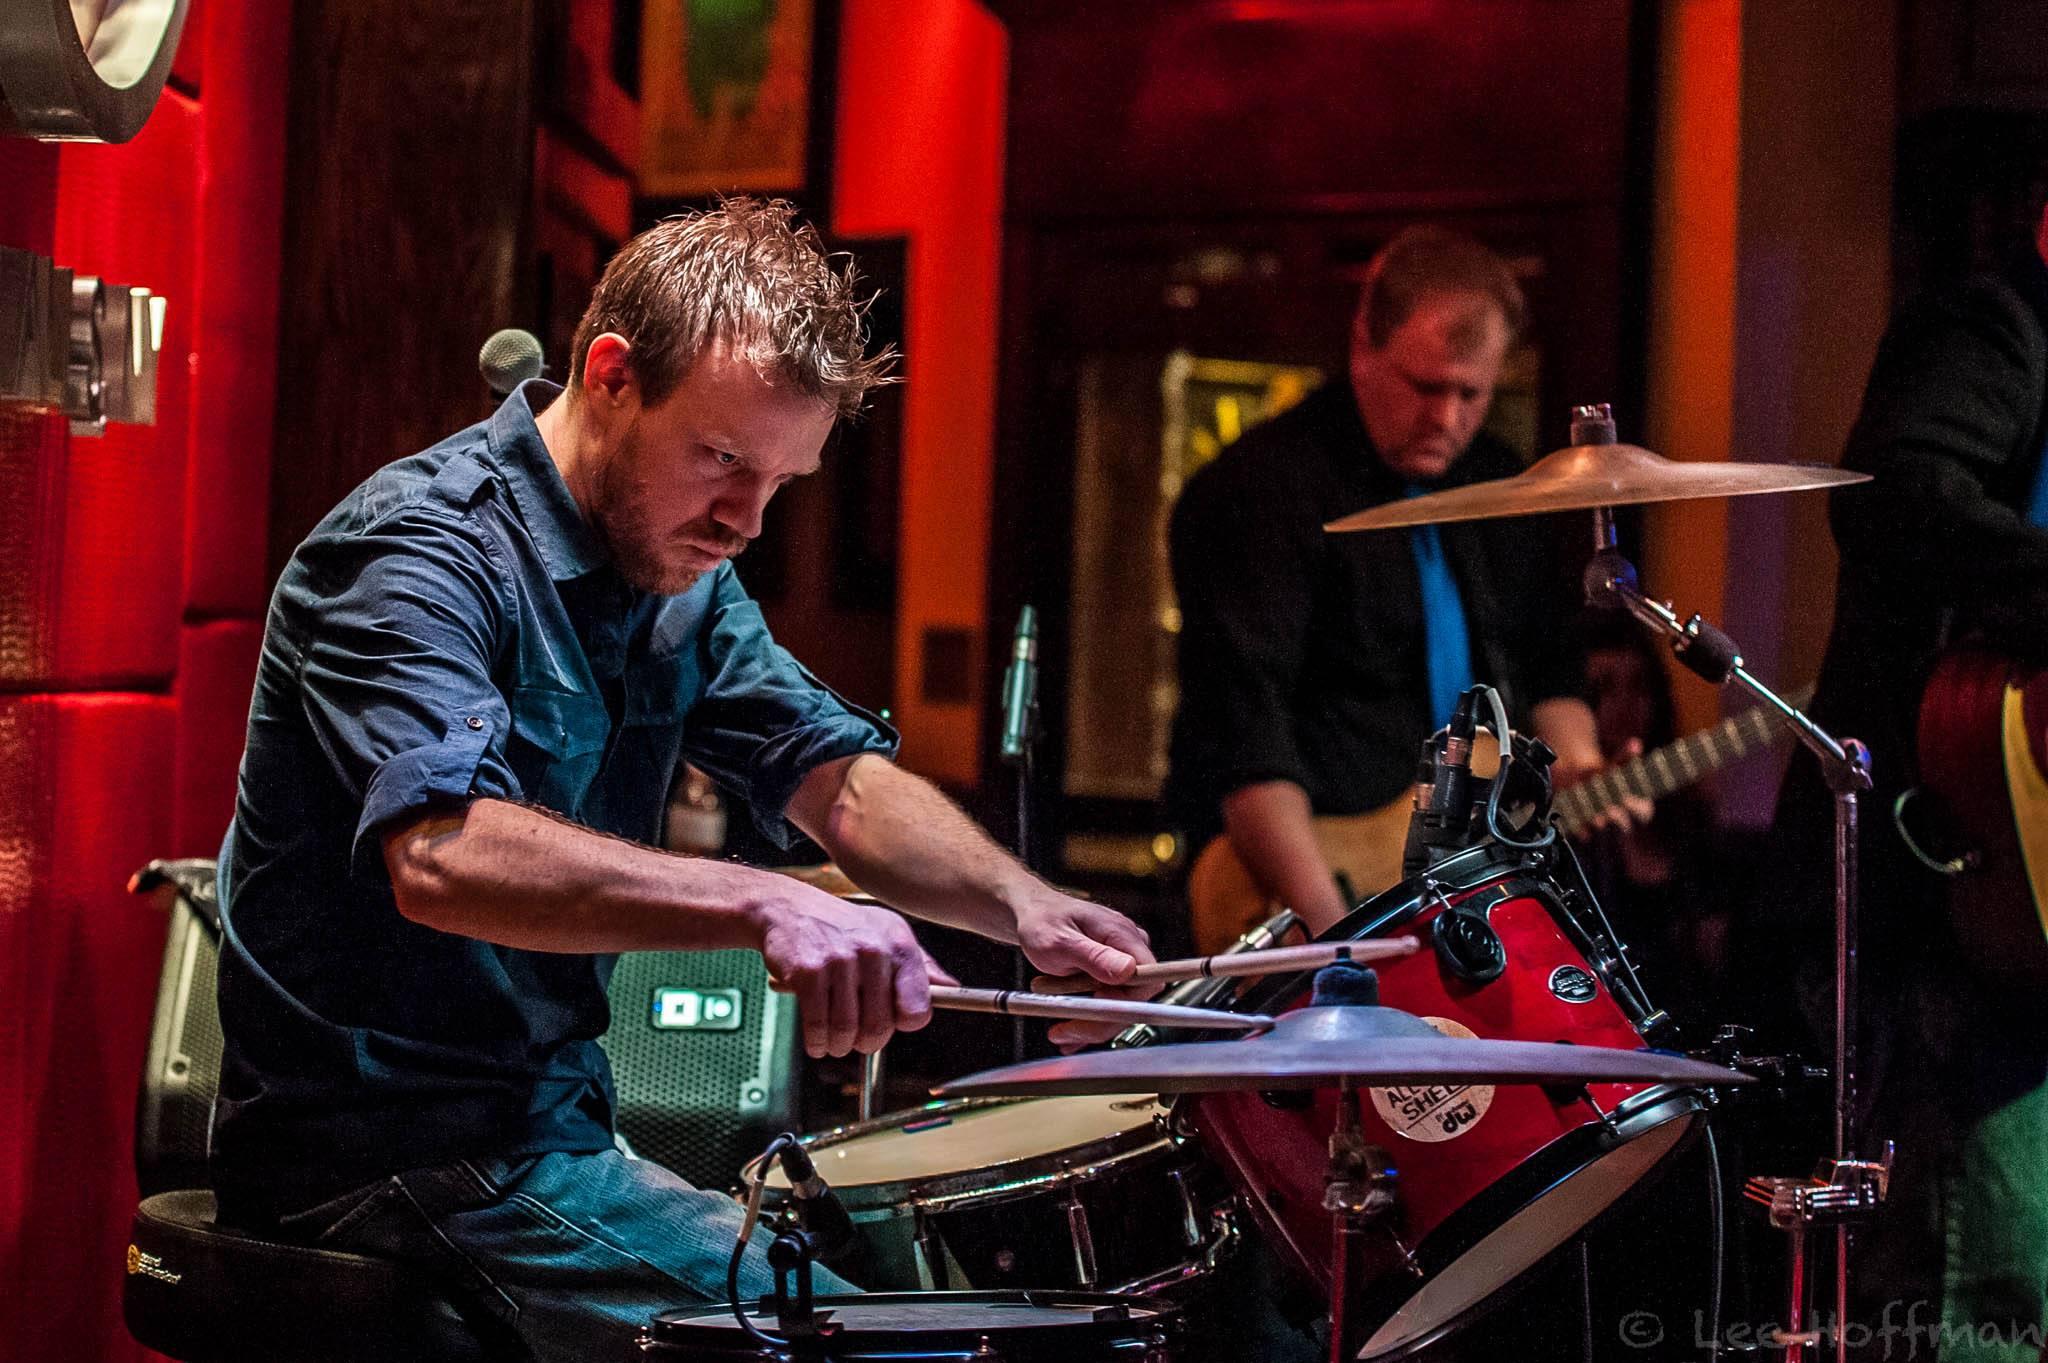 Erik & Mike_Dirty Smile Band